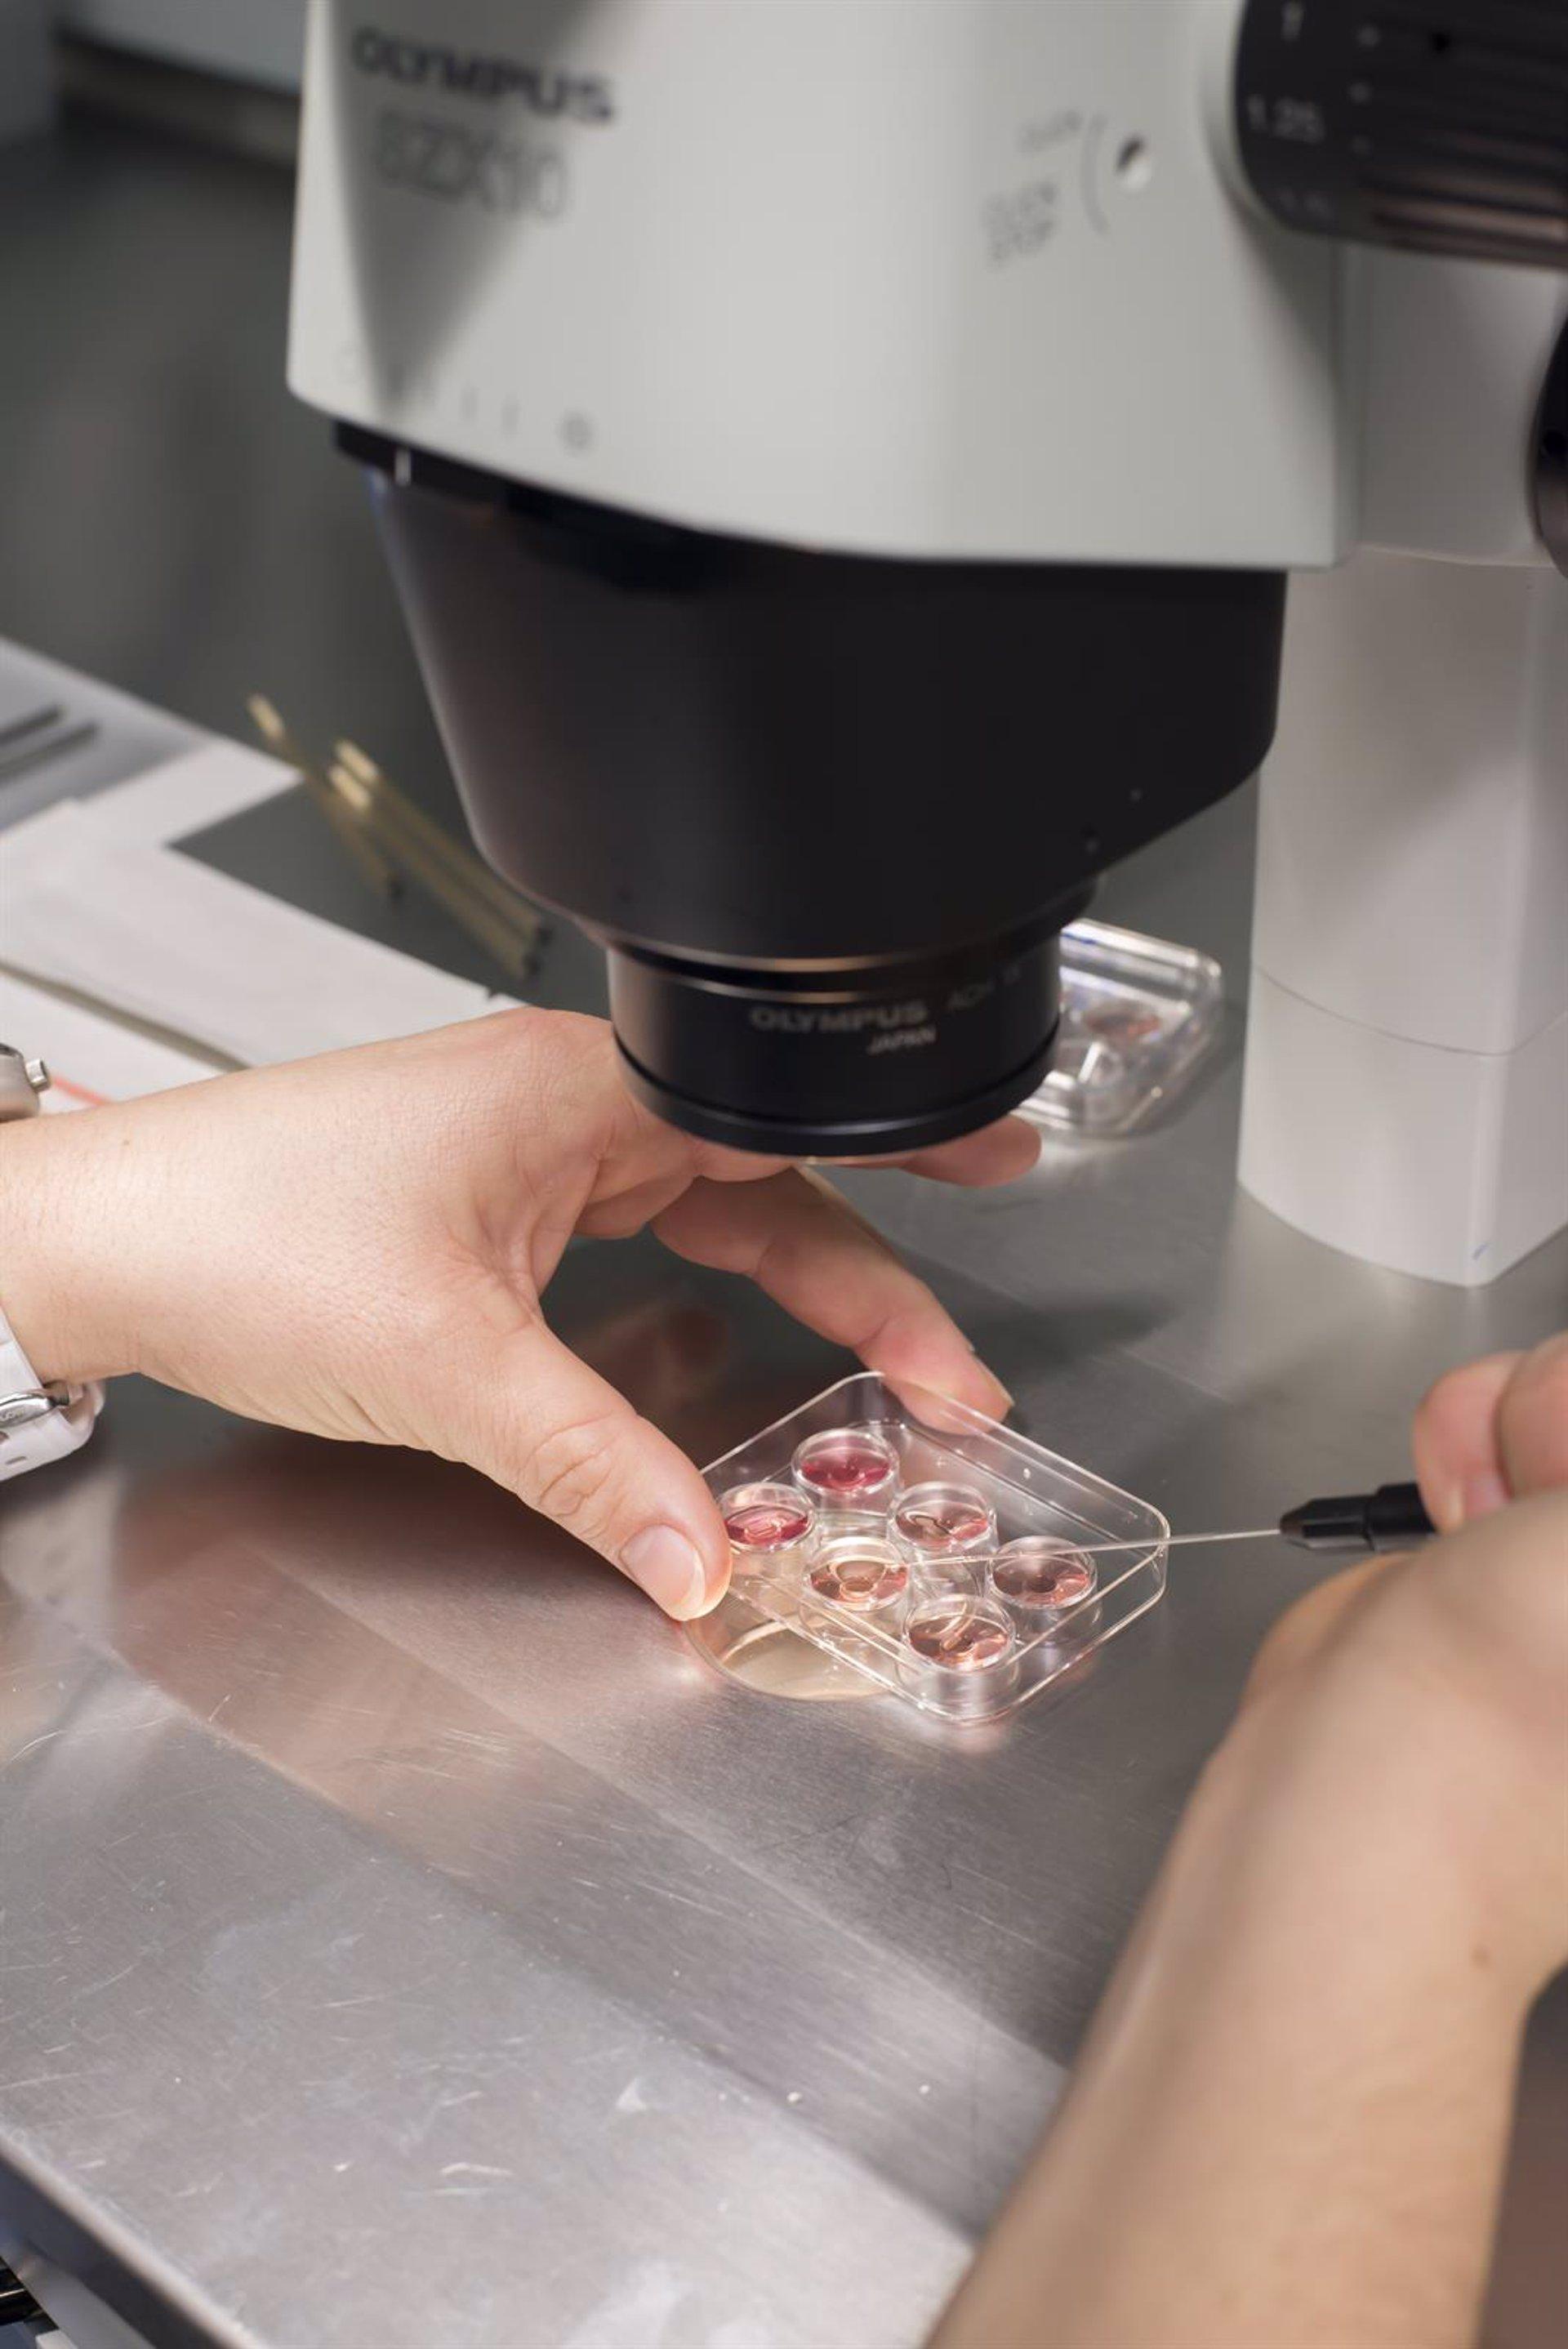 Donacion de ovulos compensacion economical house